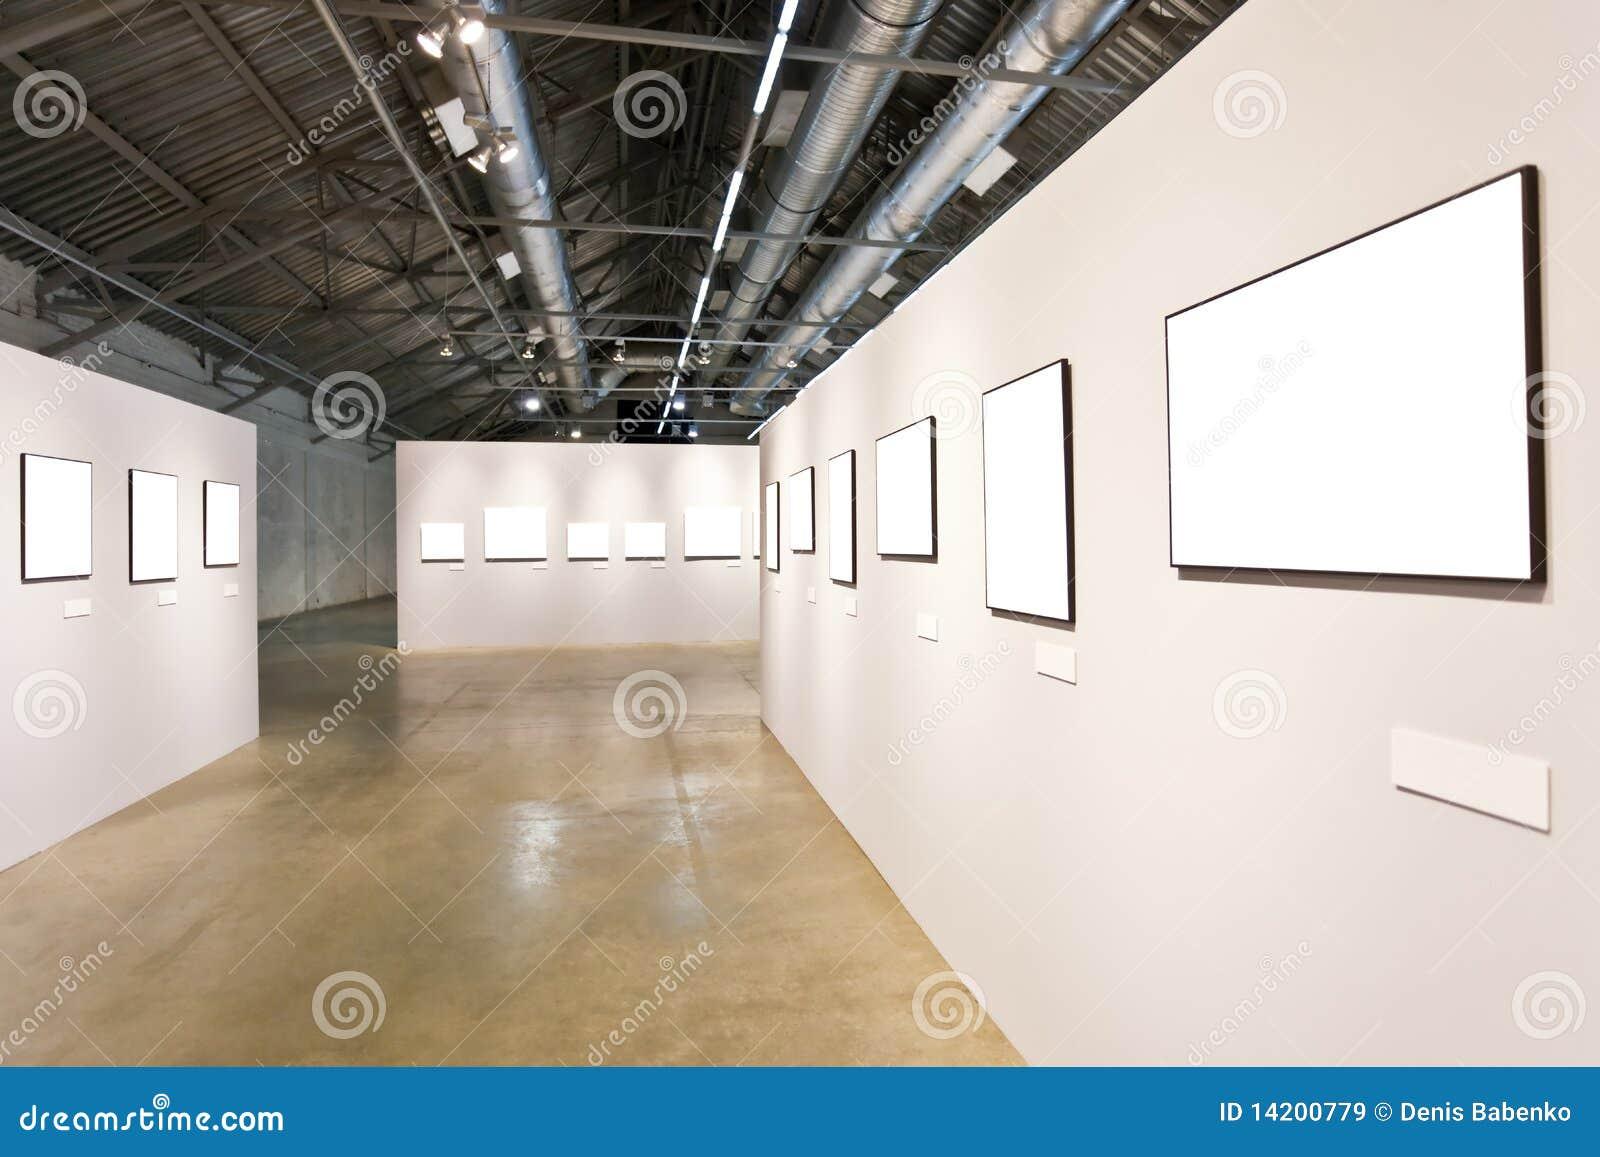 Graue Wände Mit Vielen Feldern Lizenzfreie Stockbilder - Bild ...